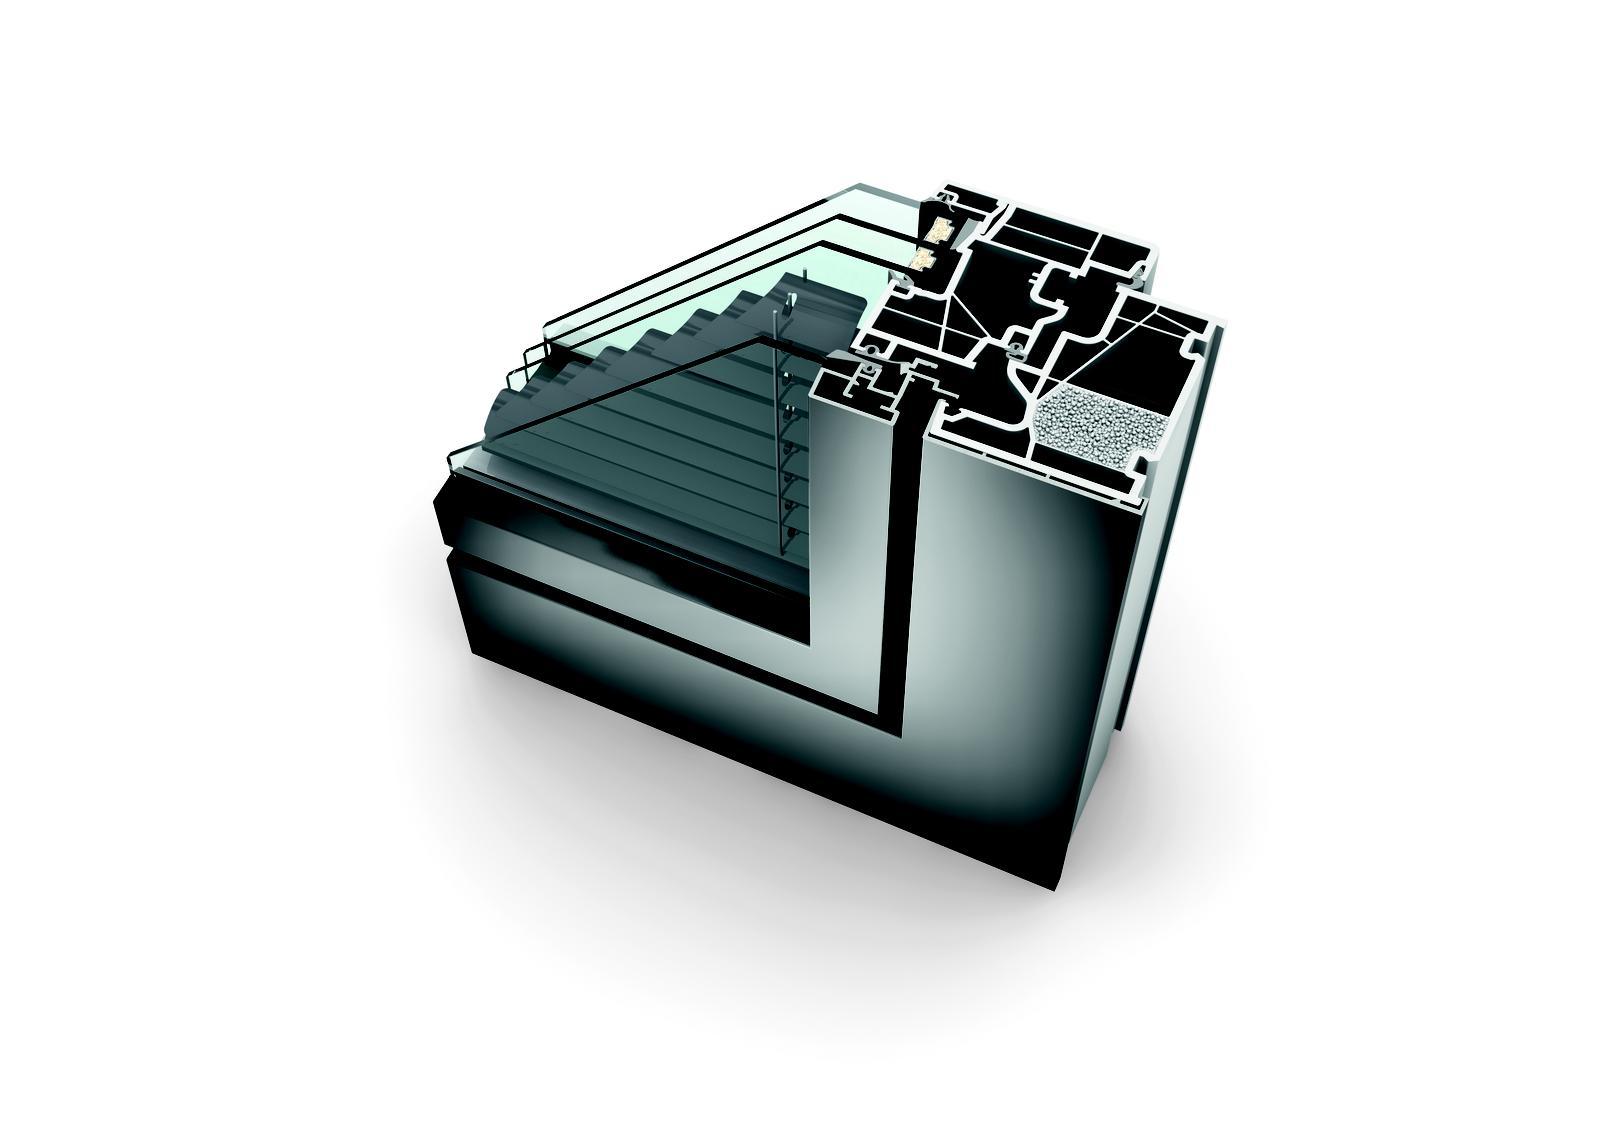 I-tec Insulation - Internorm okno KV440 Home pure